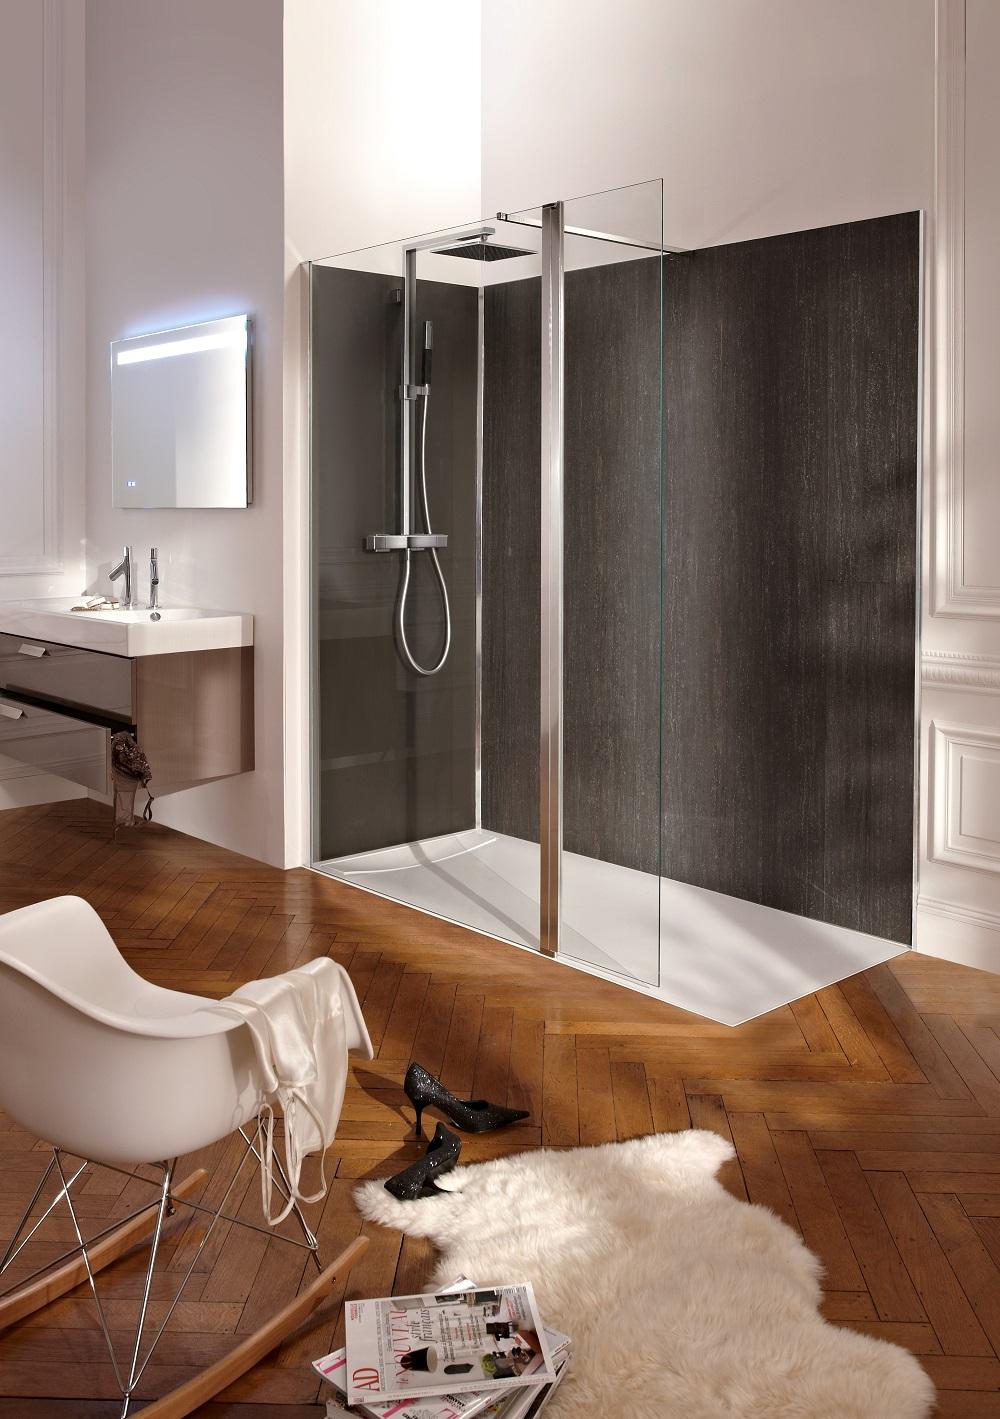 Salle De Bain Et Salle D Eau Différence quelle différence entre une salle d'eau et une salle de bain